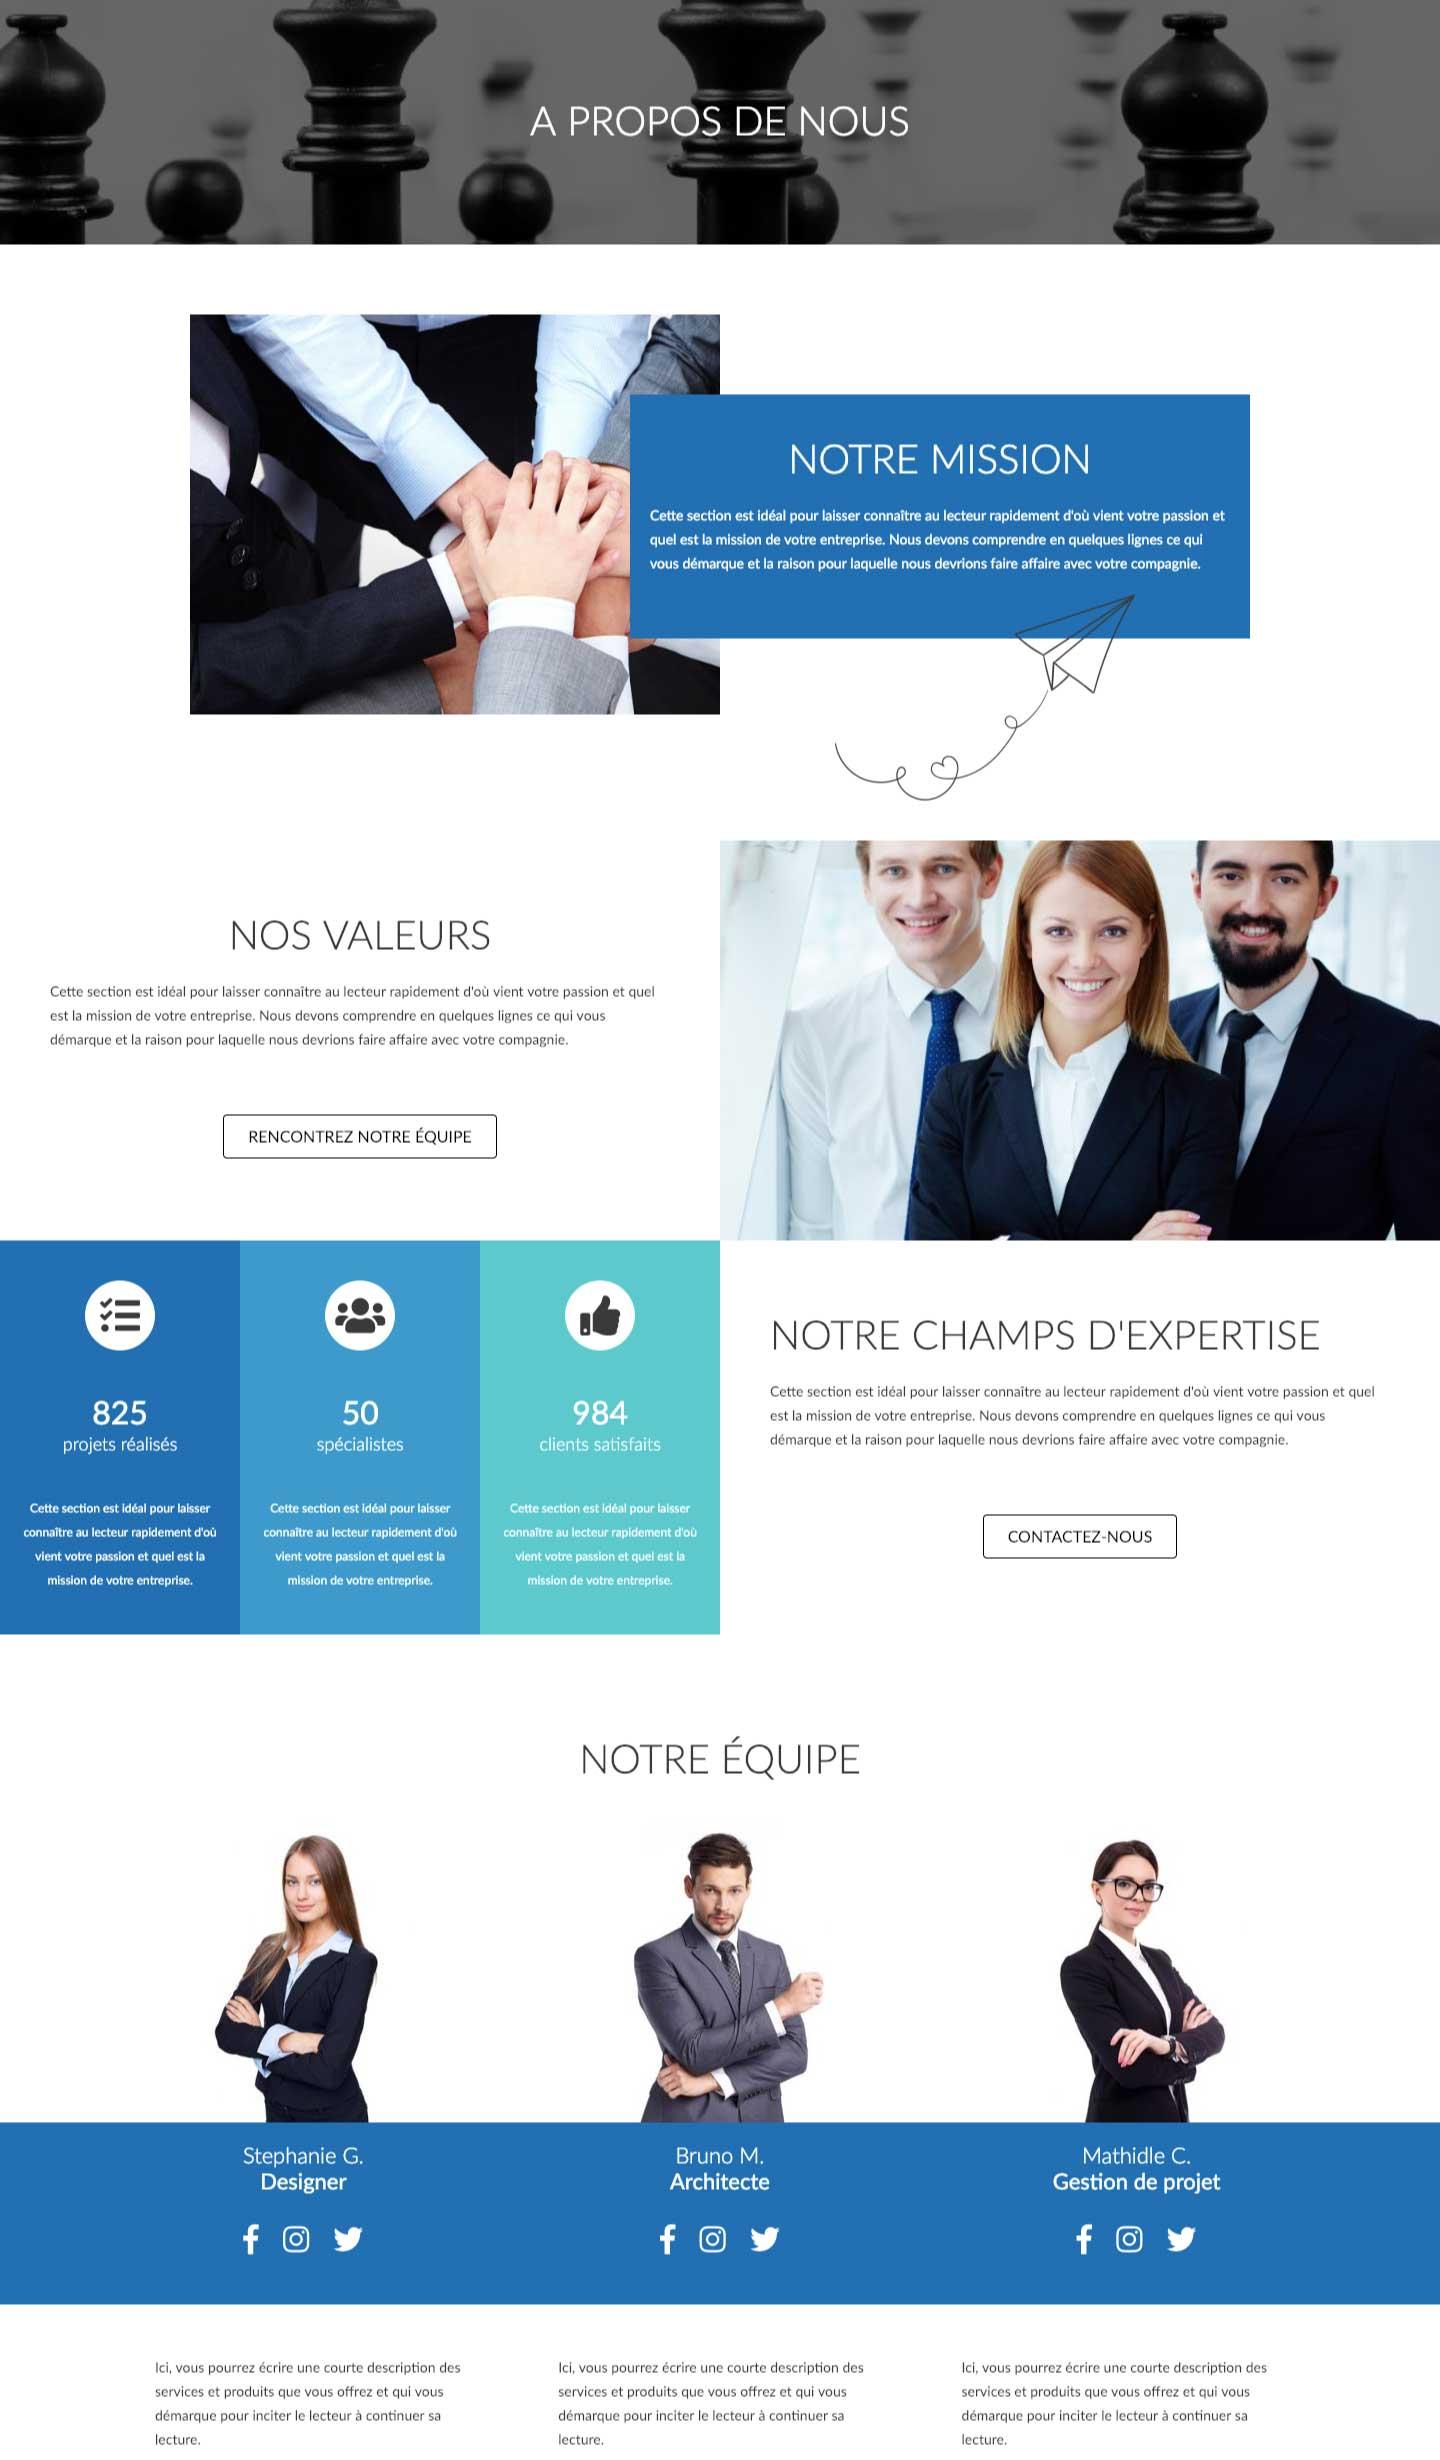 Modele-page-web-a-propos-couleur-conception-site-web